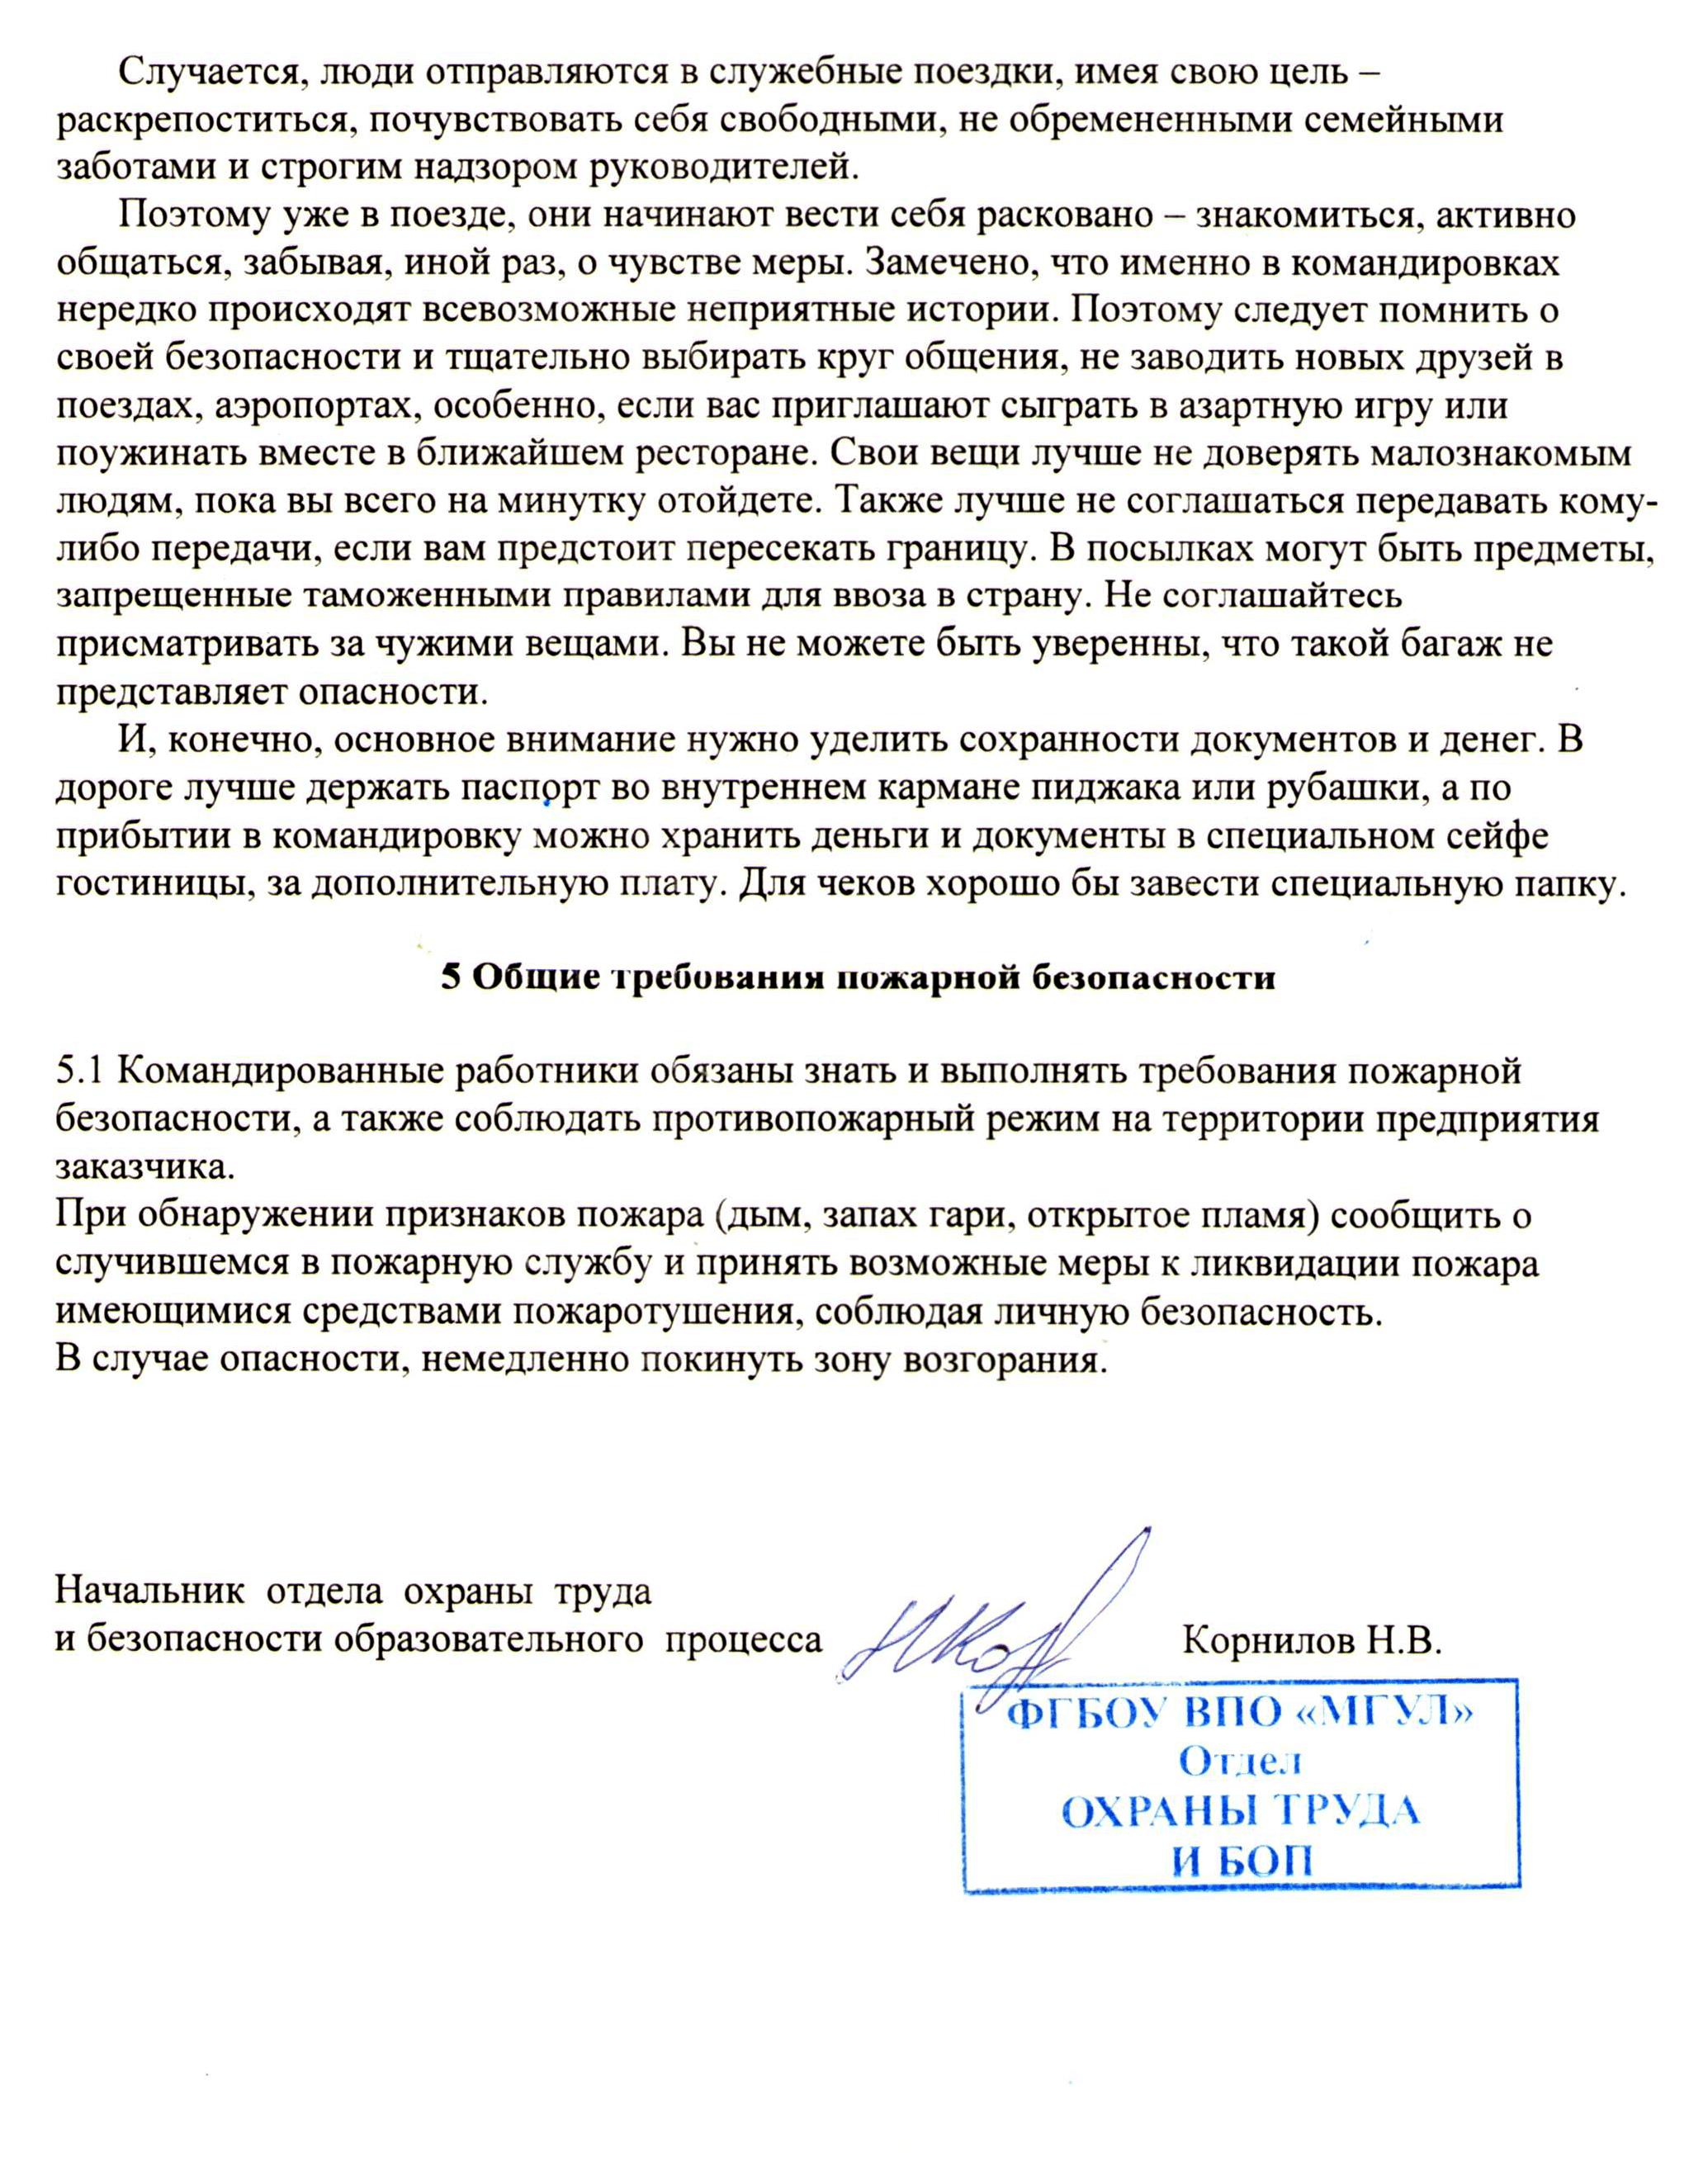 instrukcziya-po-ohrane-truda-dlya-rabotnikov-napravlyaemyh-v-sluzhebnuyu-komandirovku-obrazecz-2